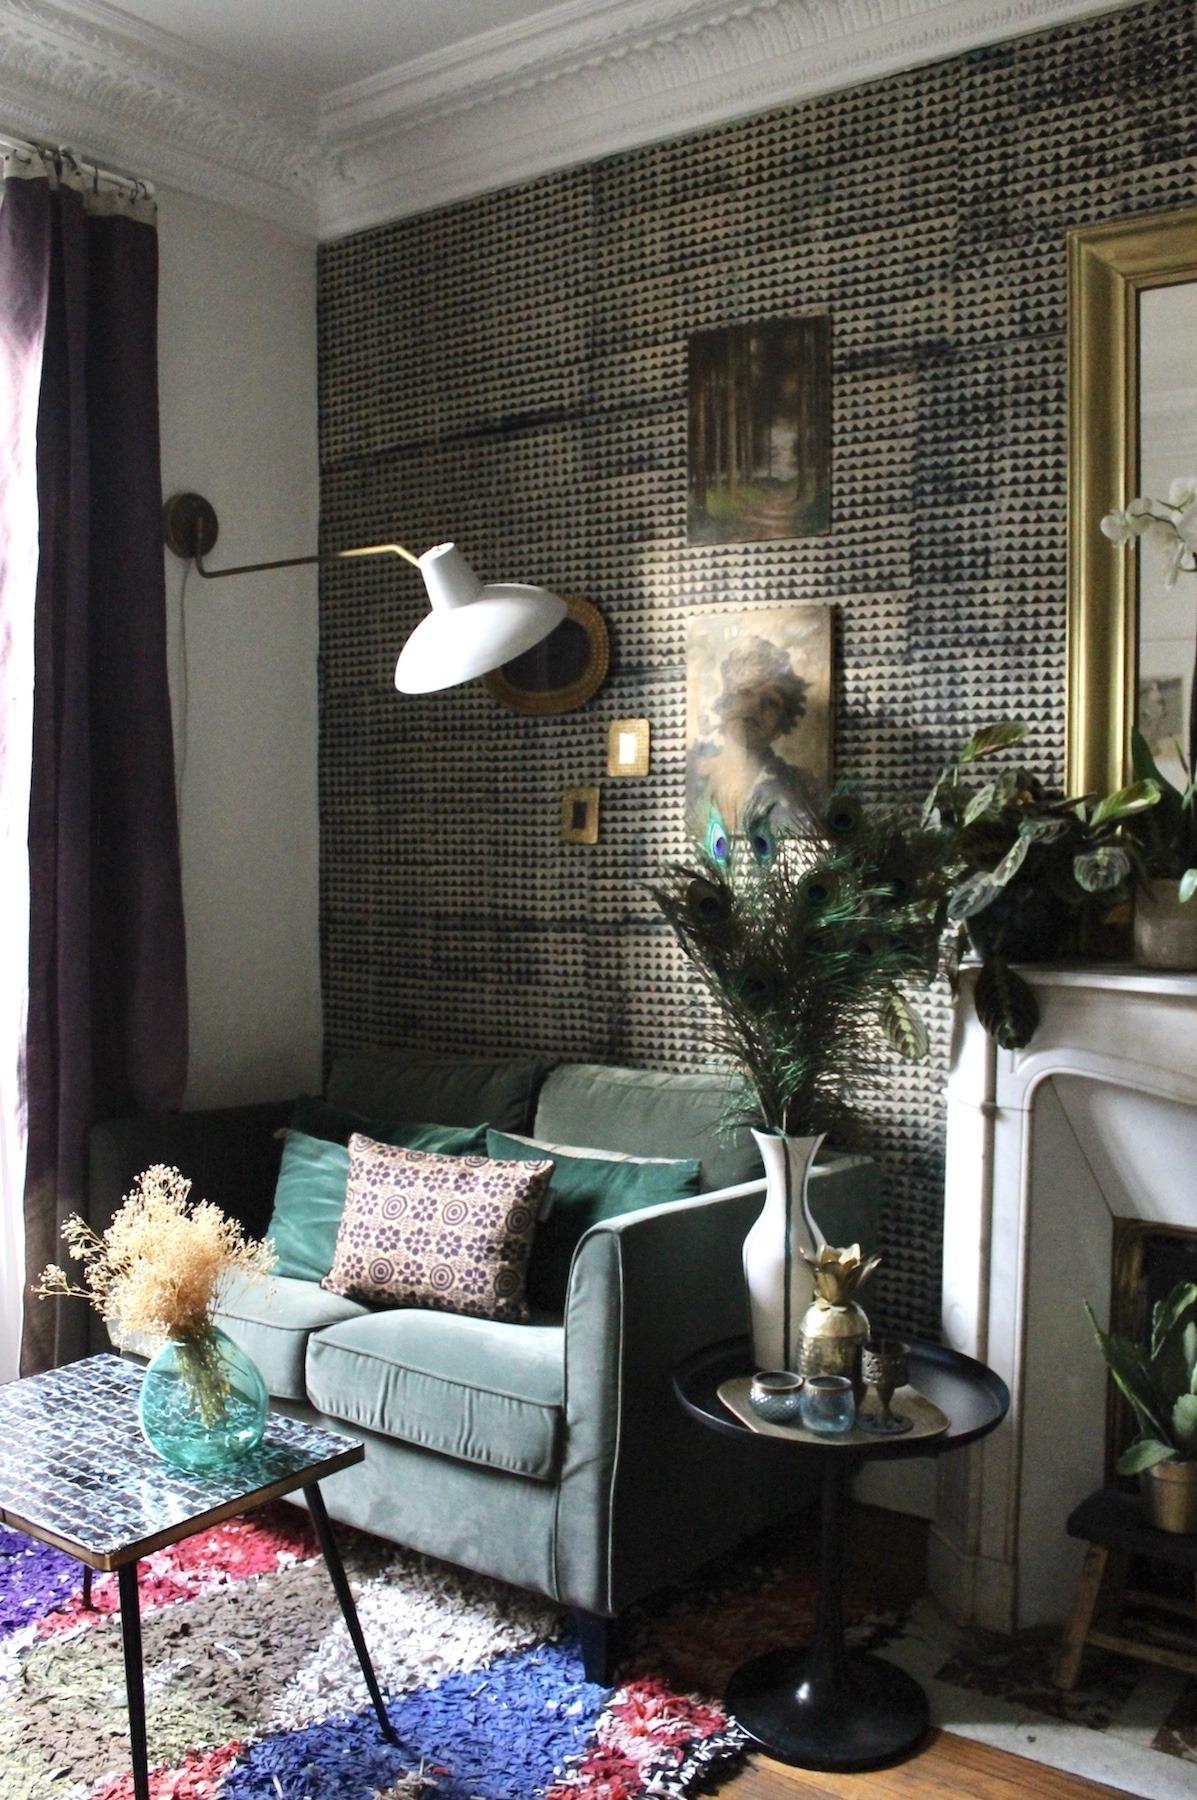 Inspiraci n para el dise o de interiores en tu hogar el124 for Diseno de interiores para hogar